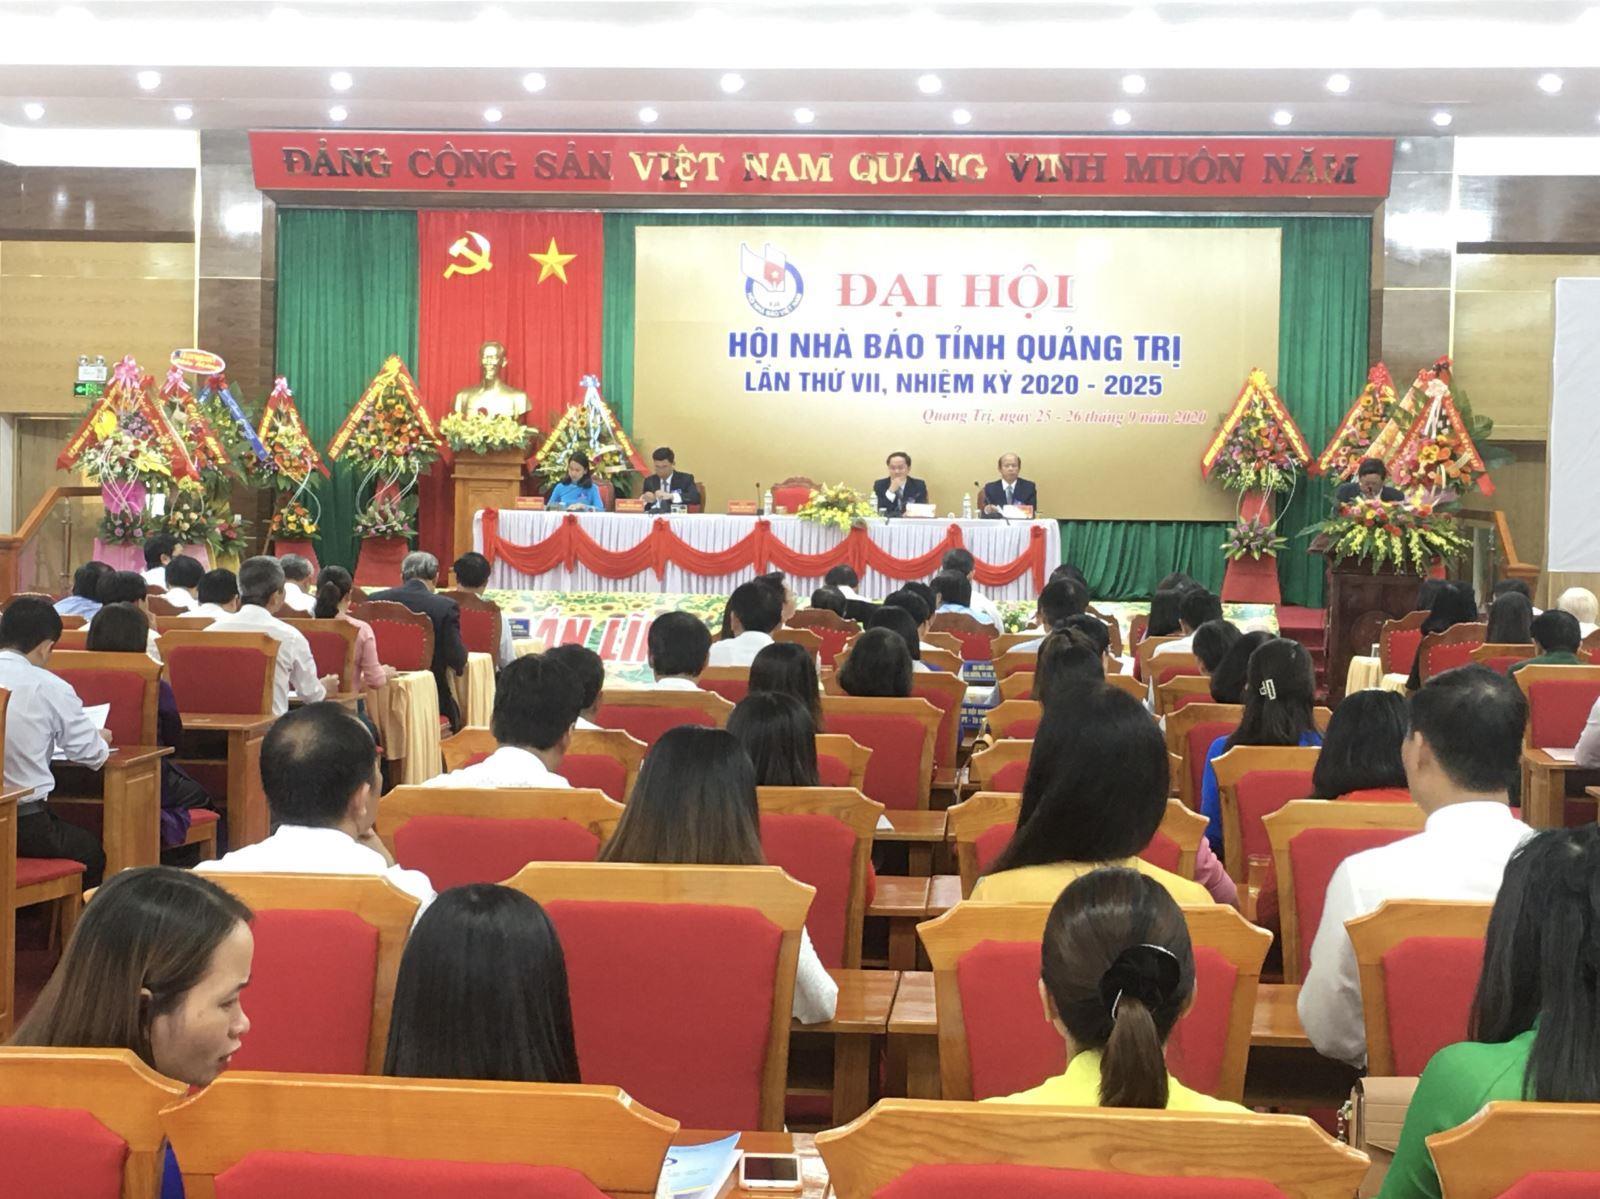 Đại hội Hội Nhà báo tỉnh Quảng Trị lần thứ VII